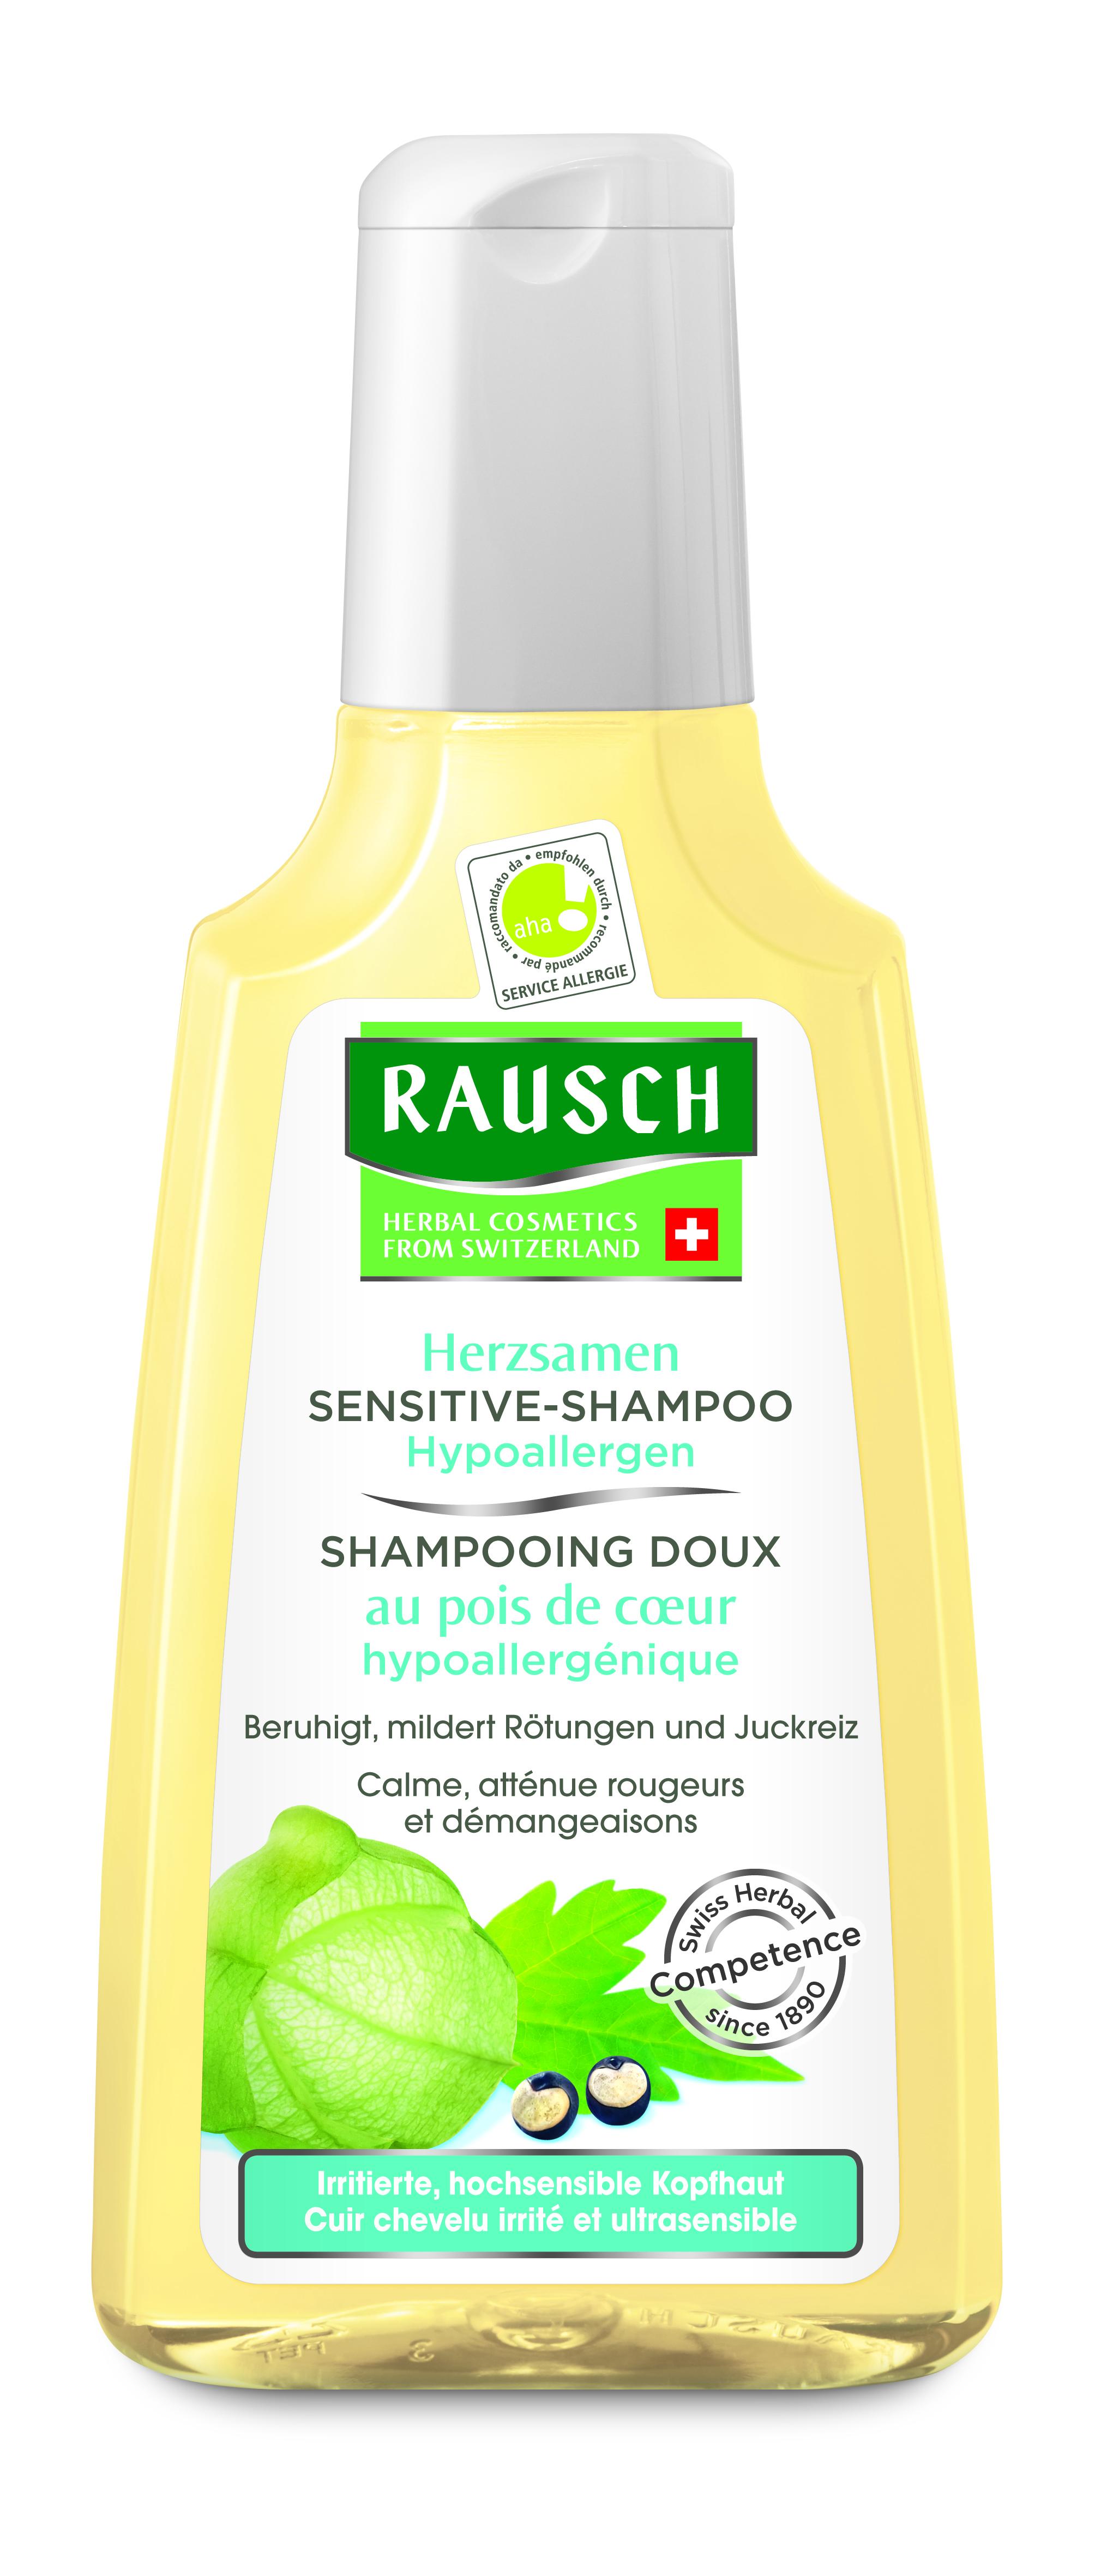 Rausch Herzsamen Sensitive-Shampoo